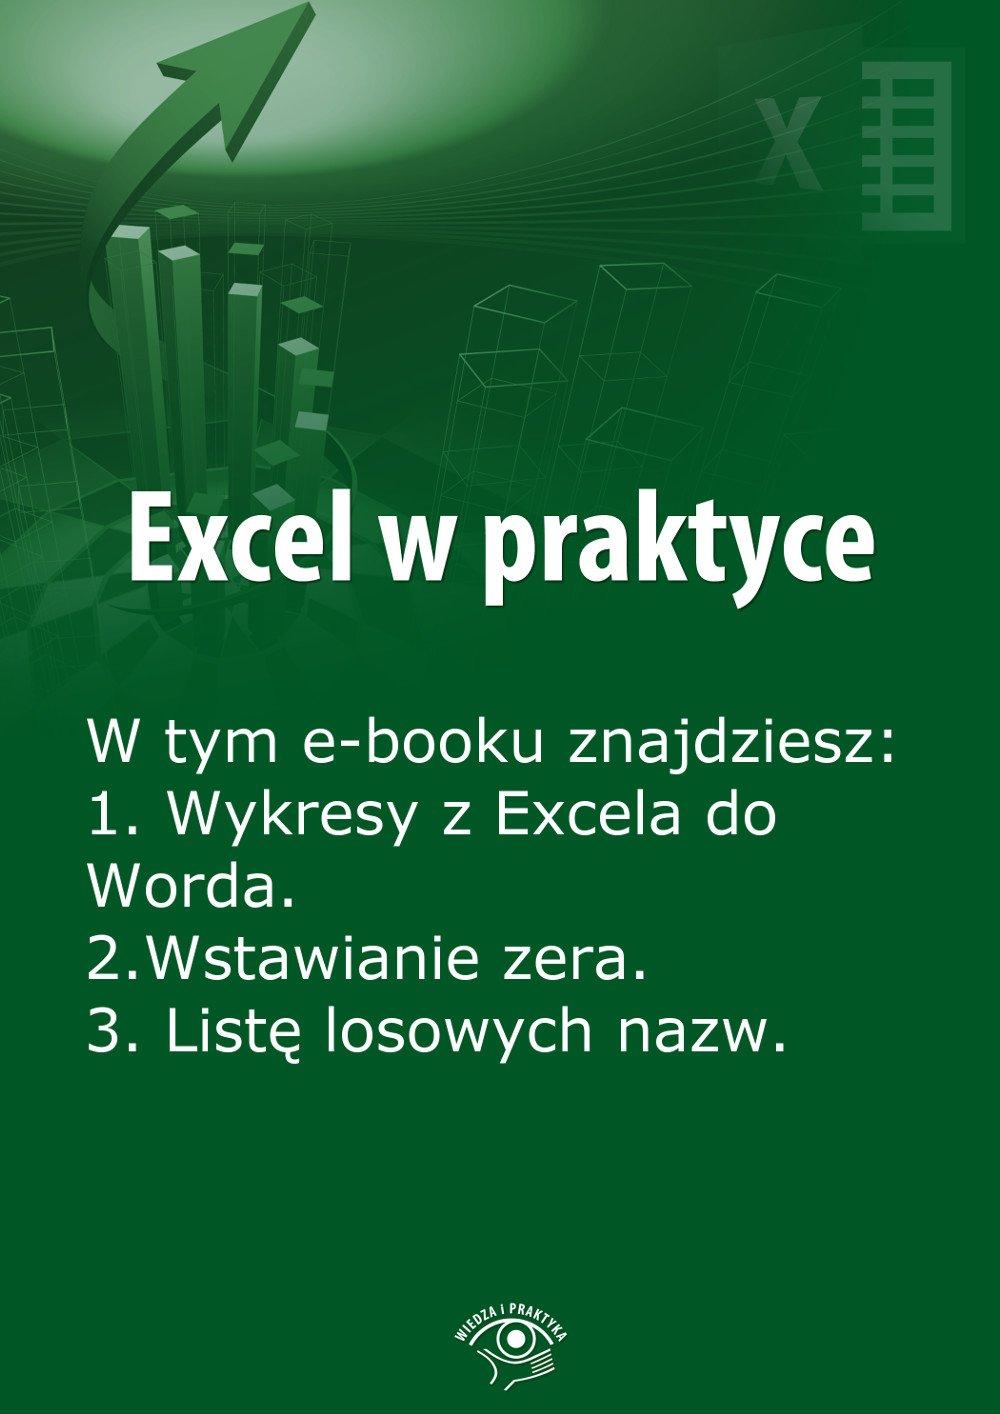 Excel w praktyce. Wydanie lipiec 2014 r. - Ebook (Książka EPUB) do pobrania w formacie EPUB